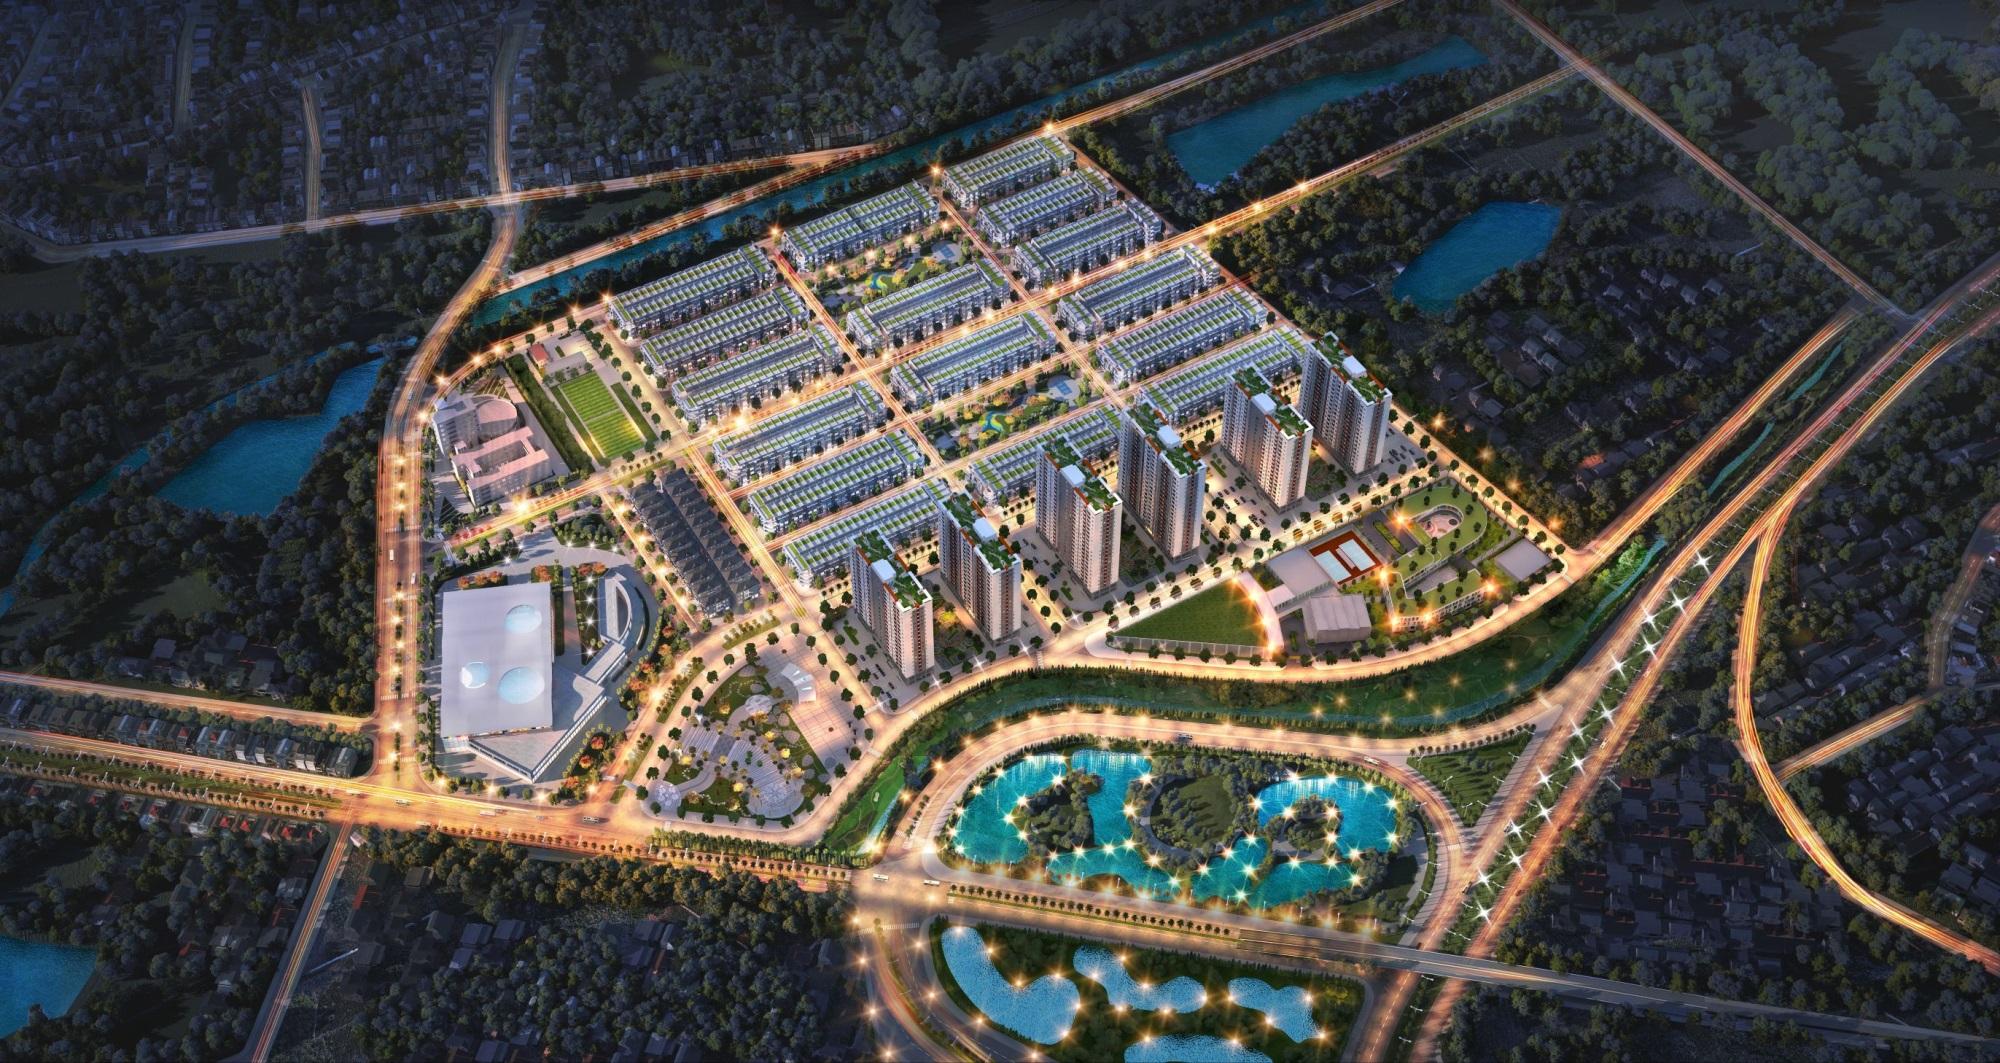 Sở hữu liền kề tại Him Lam Green Park chỉ với 600 triệu đồng - Ảnh 1